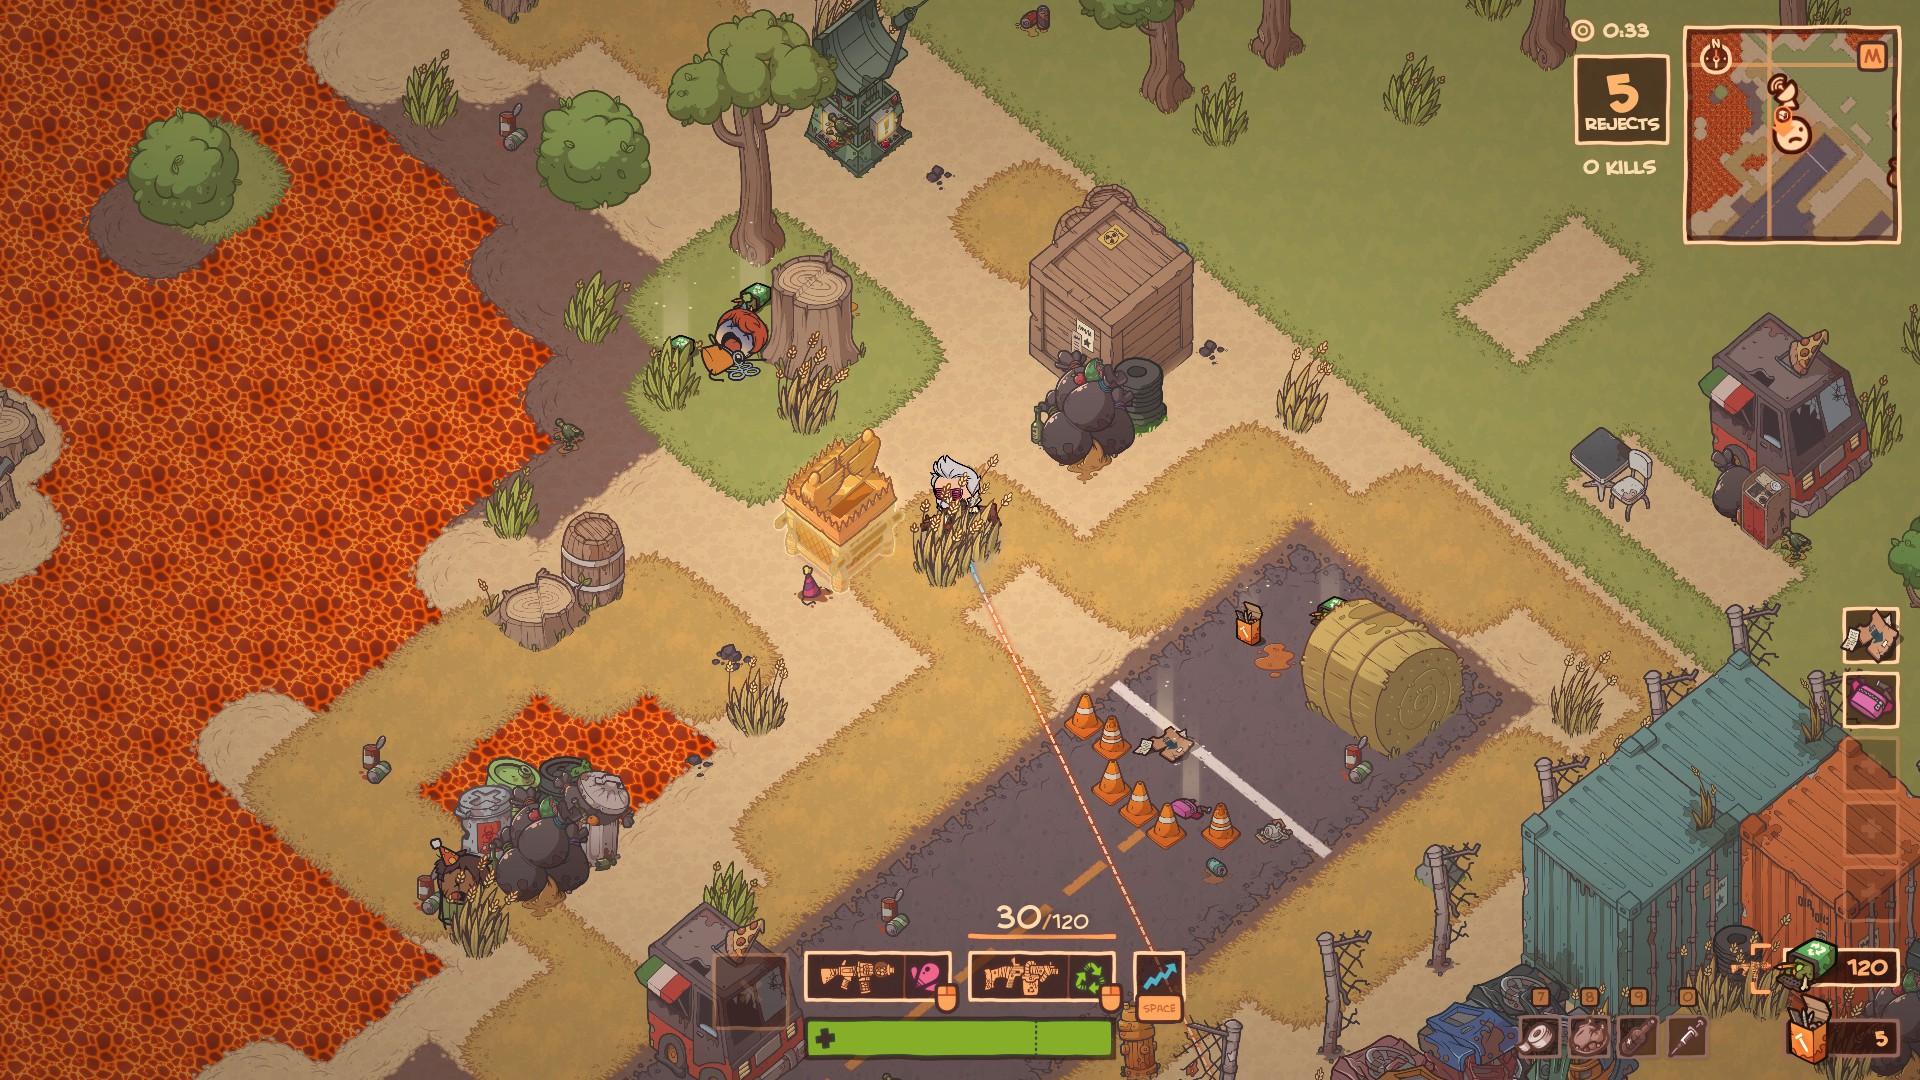 Самый ценный ящик в игре. Может стоить жизни, т.к. отображается на радаре у всех игроков.